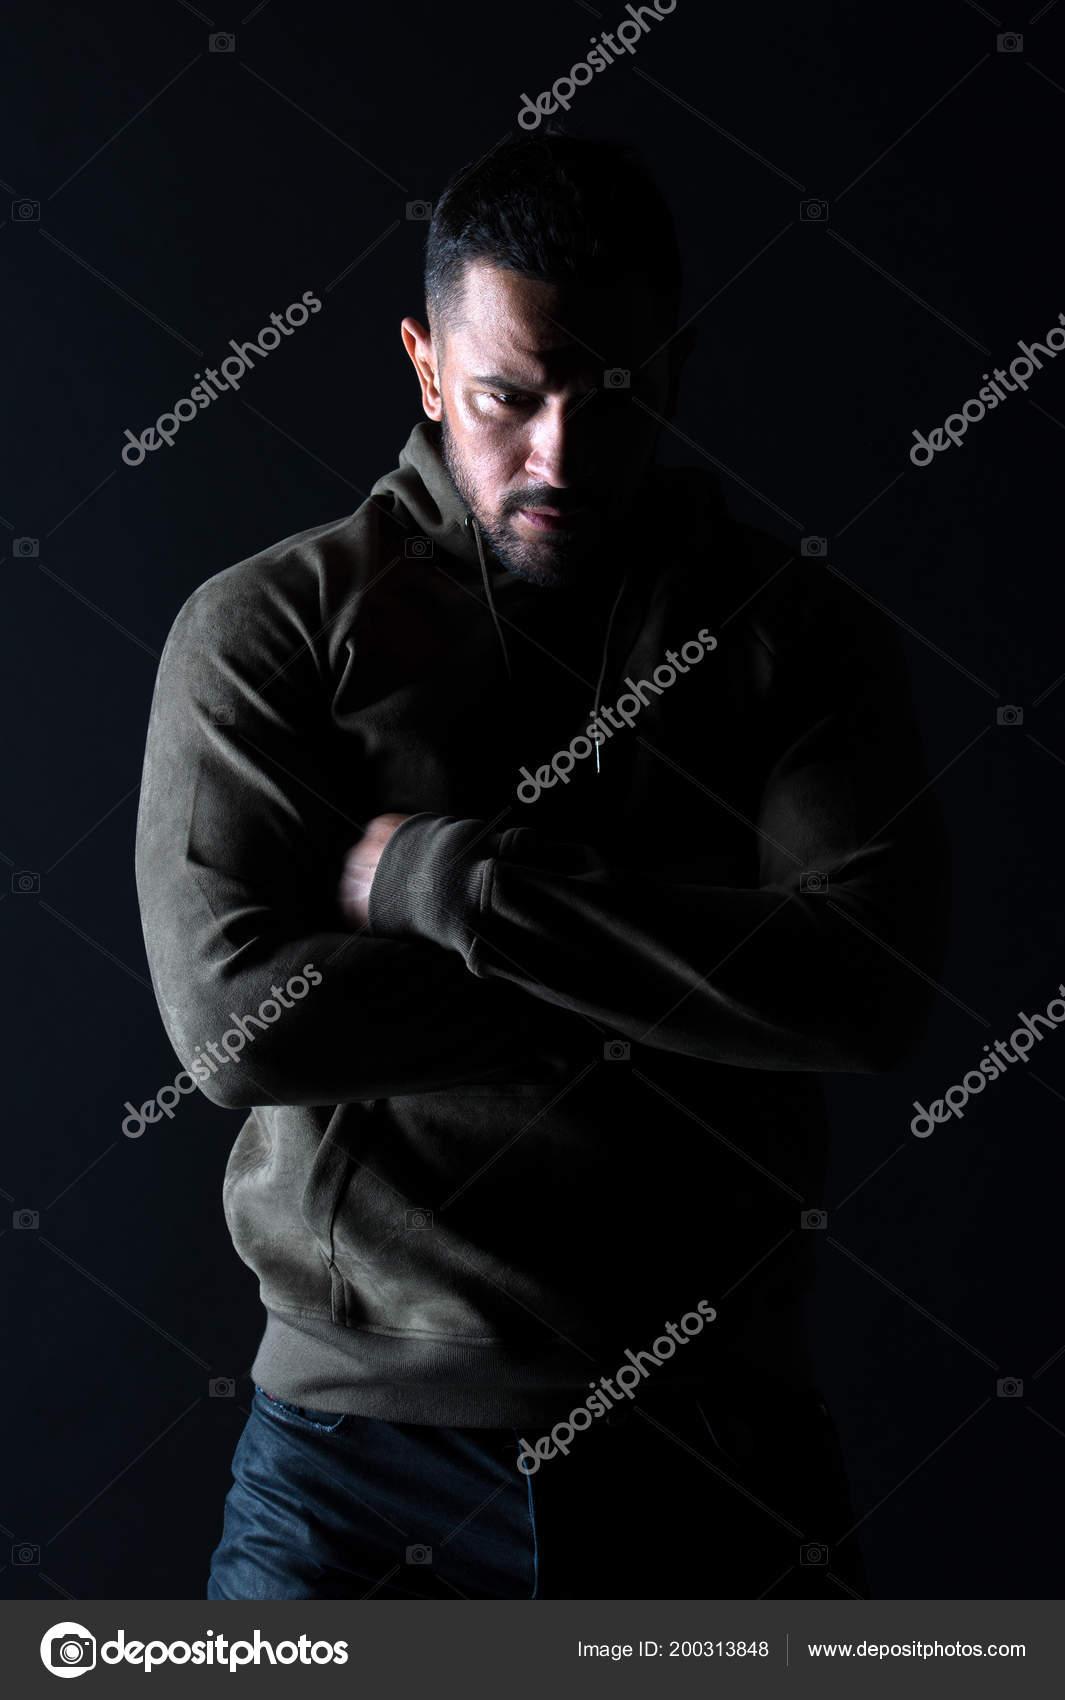 c1c1293ad7 Moda sportiva e stile. Uomo barbuto con le mani piegate in felpa. Macho con vestiti  casual wear di barba. Modello di moda in abbigliamento sportivo alla ...